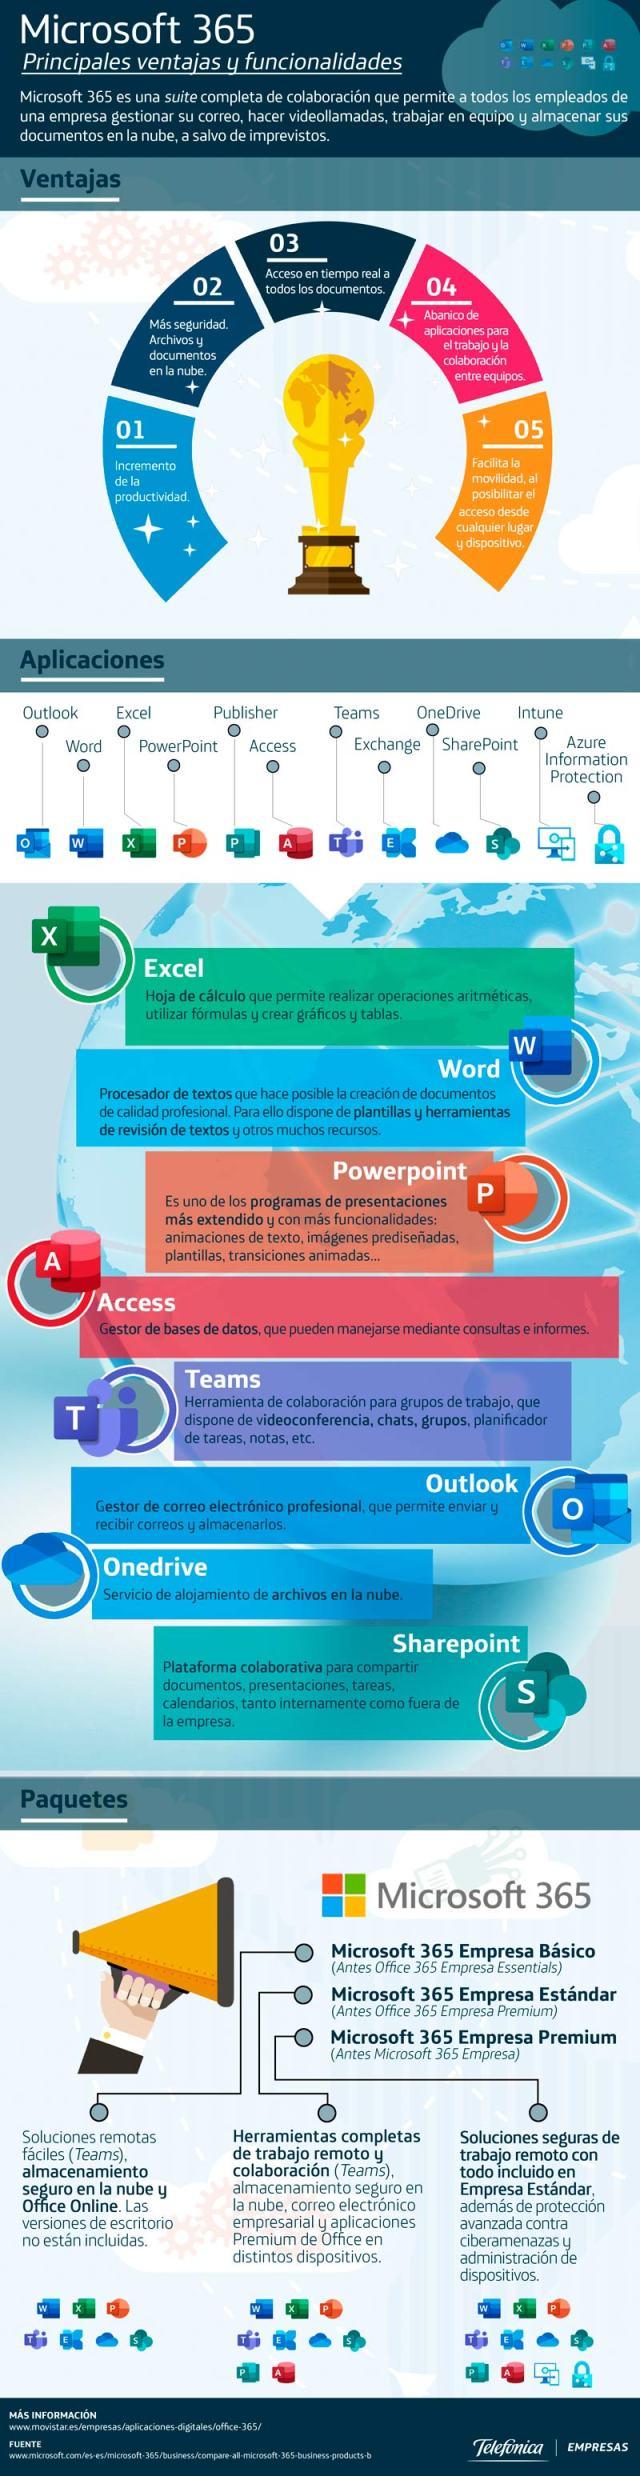 Microsoft 365: Principales funcionalidades y ventajas #Infografía